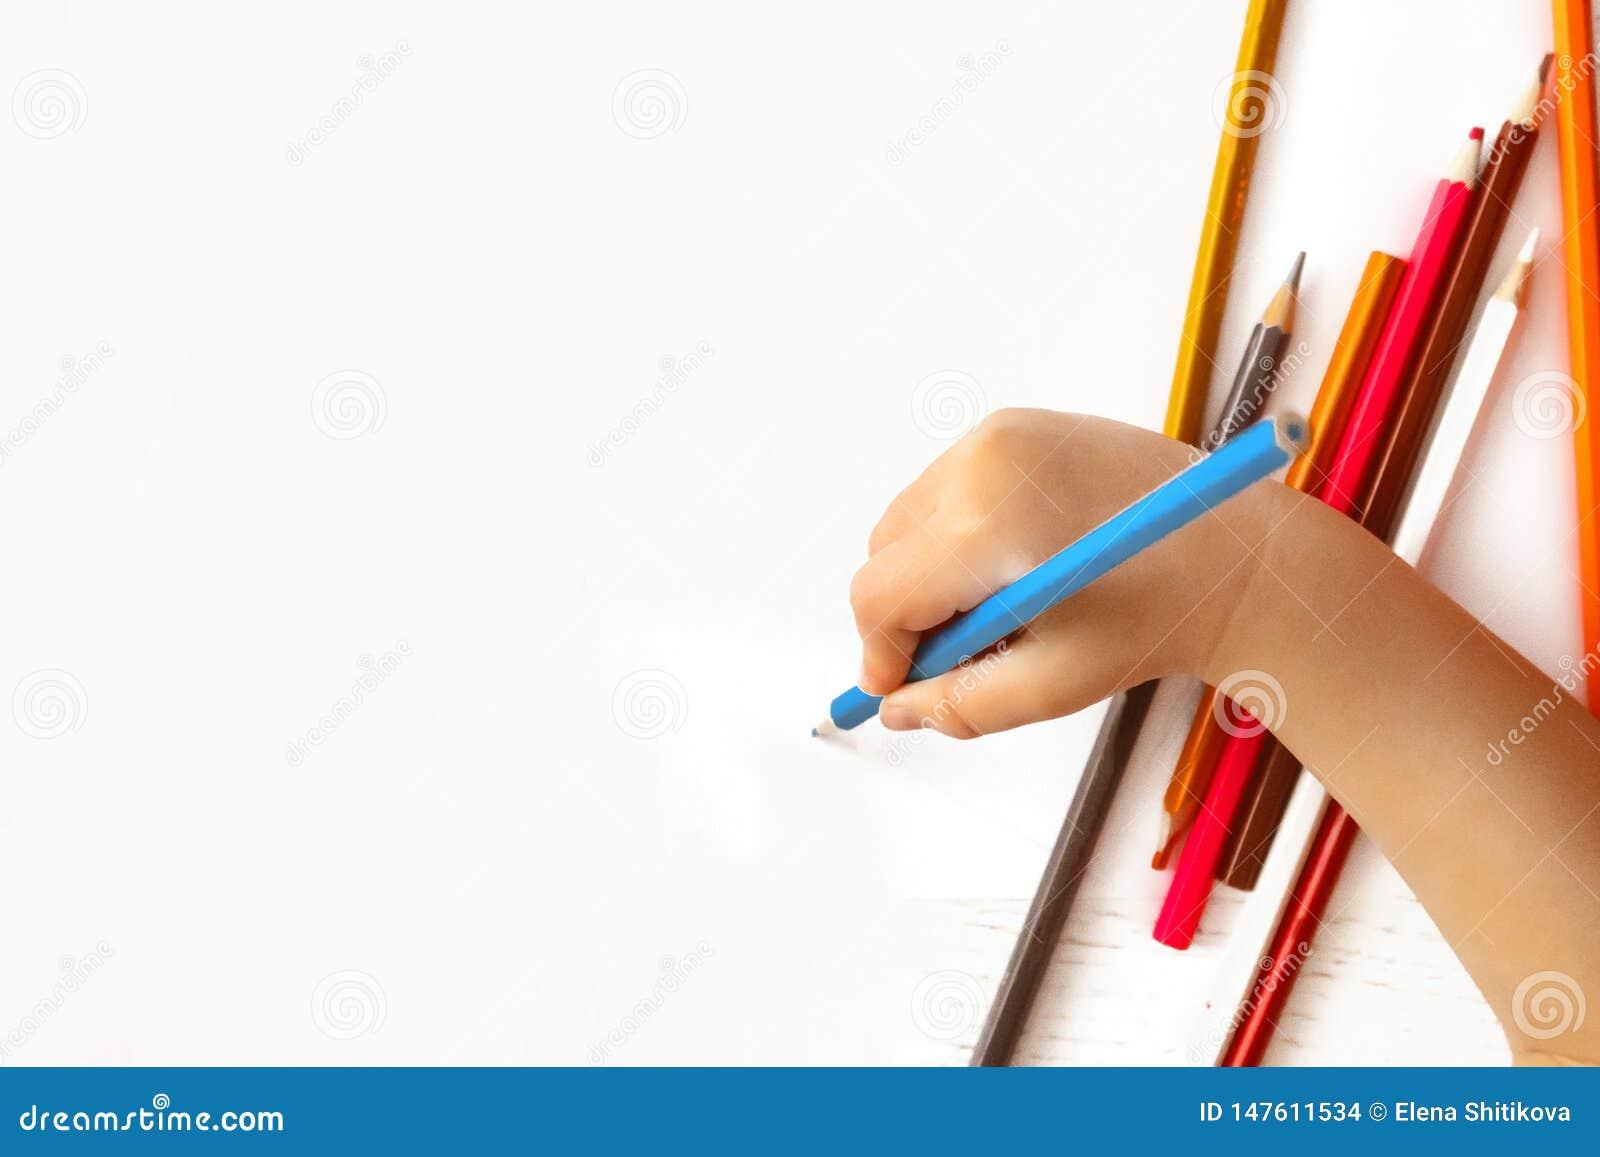 La main des enfants dessine un crayon sur le livre blanc